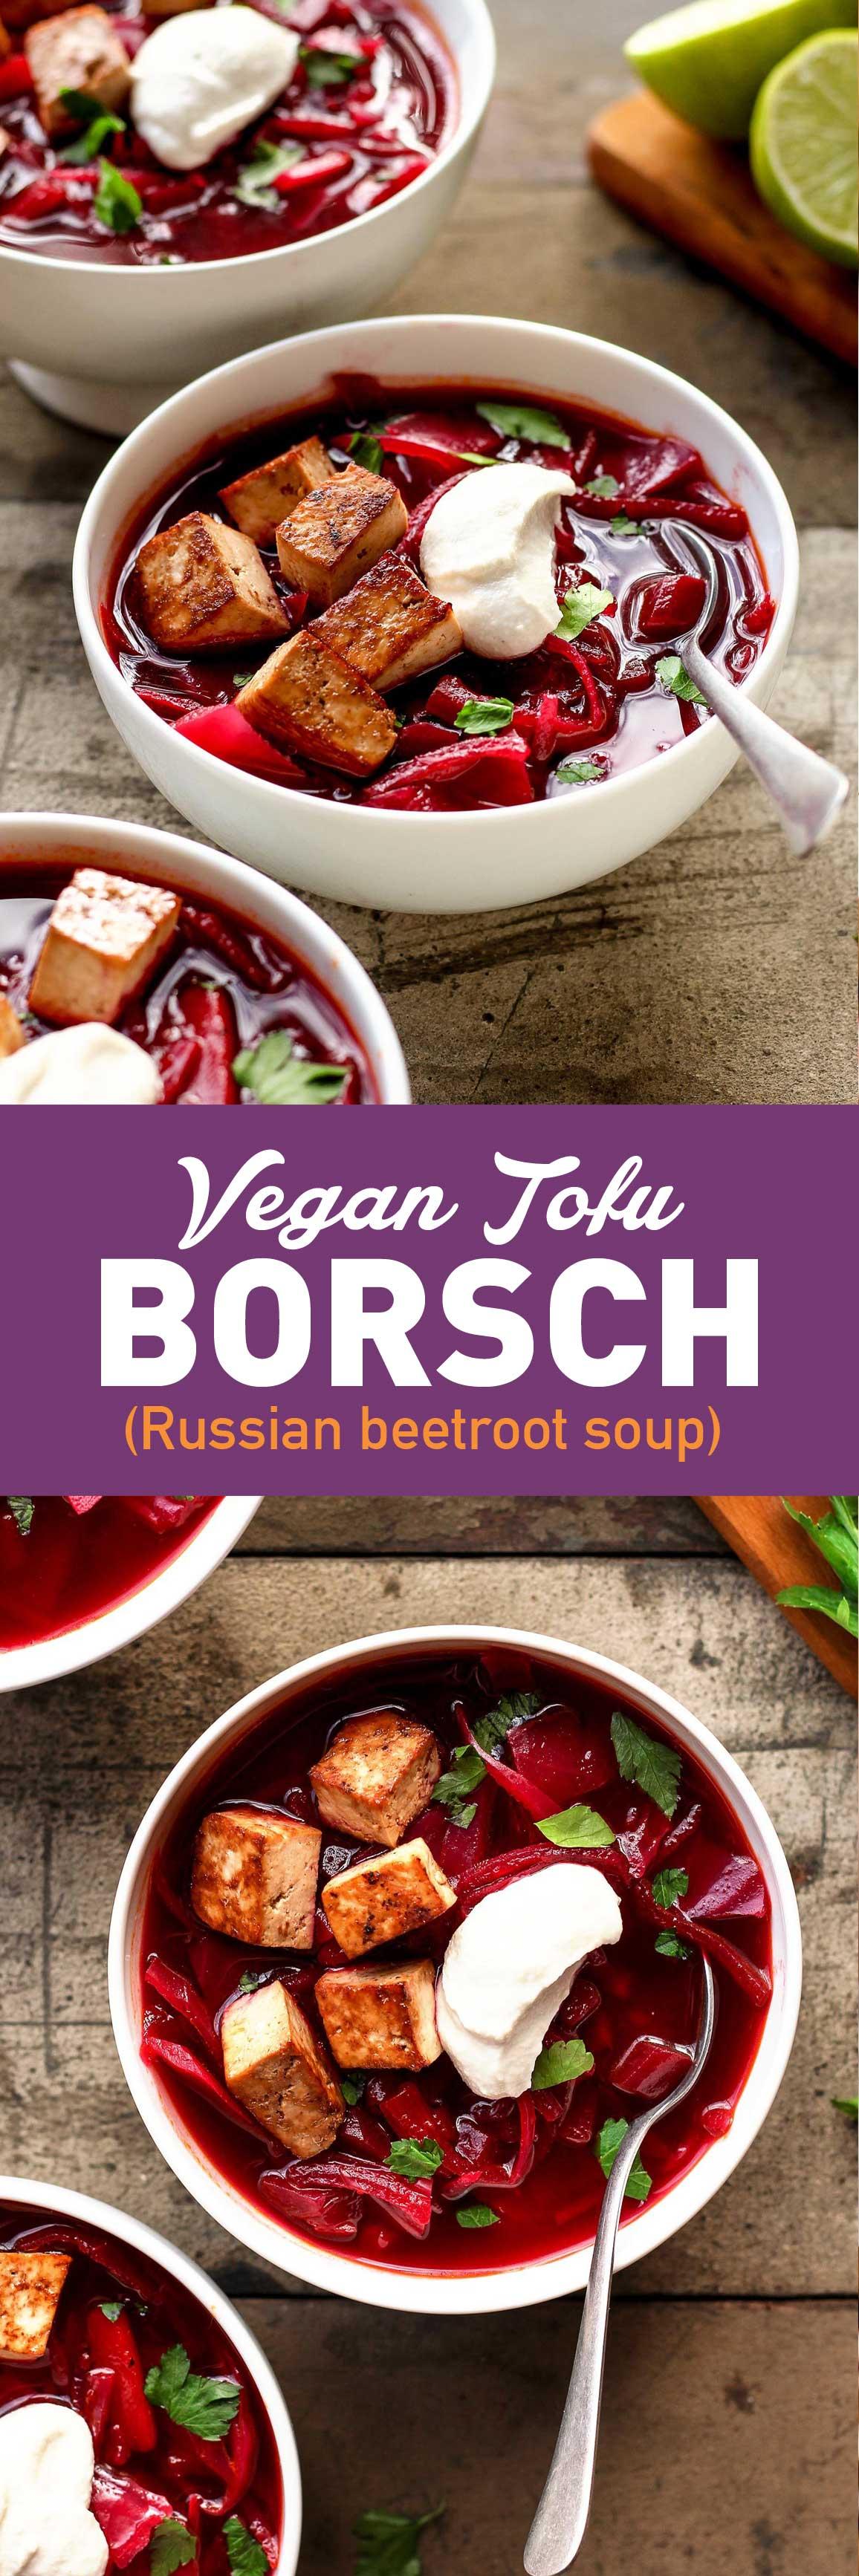 Vegan Tofu Borsch (Beet Soup)